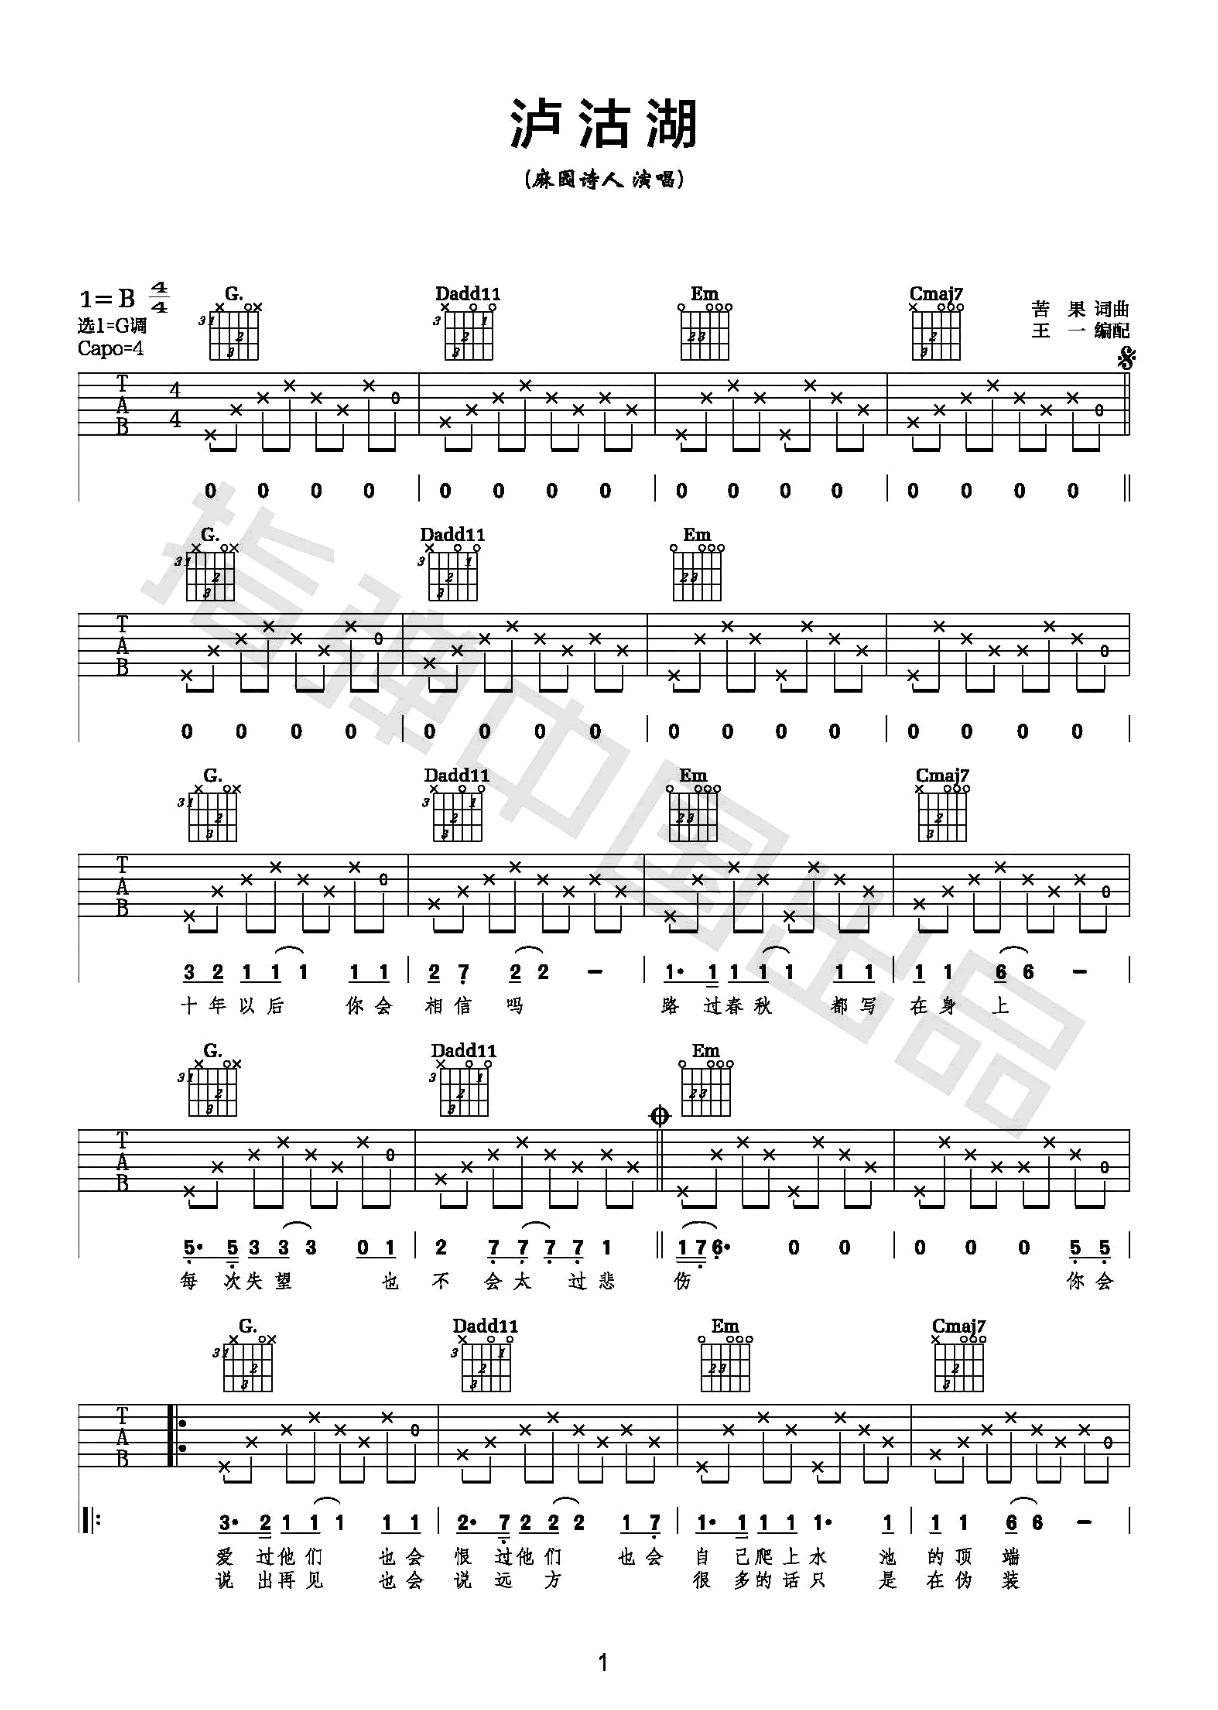 泸沽湖吉他谱-麻园诗人-弹唱教学-1